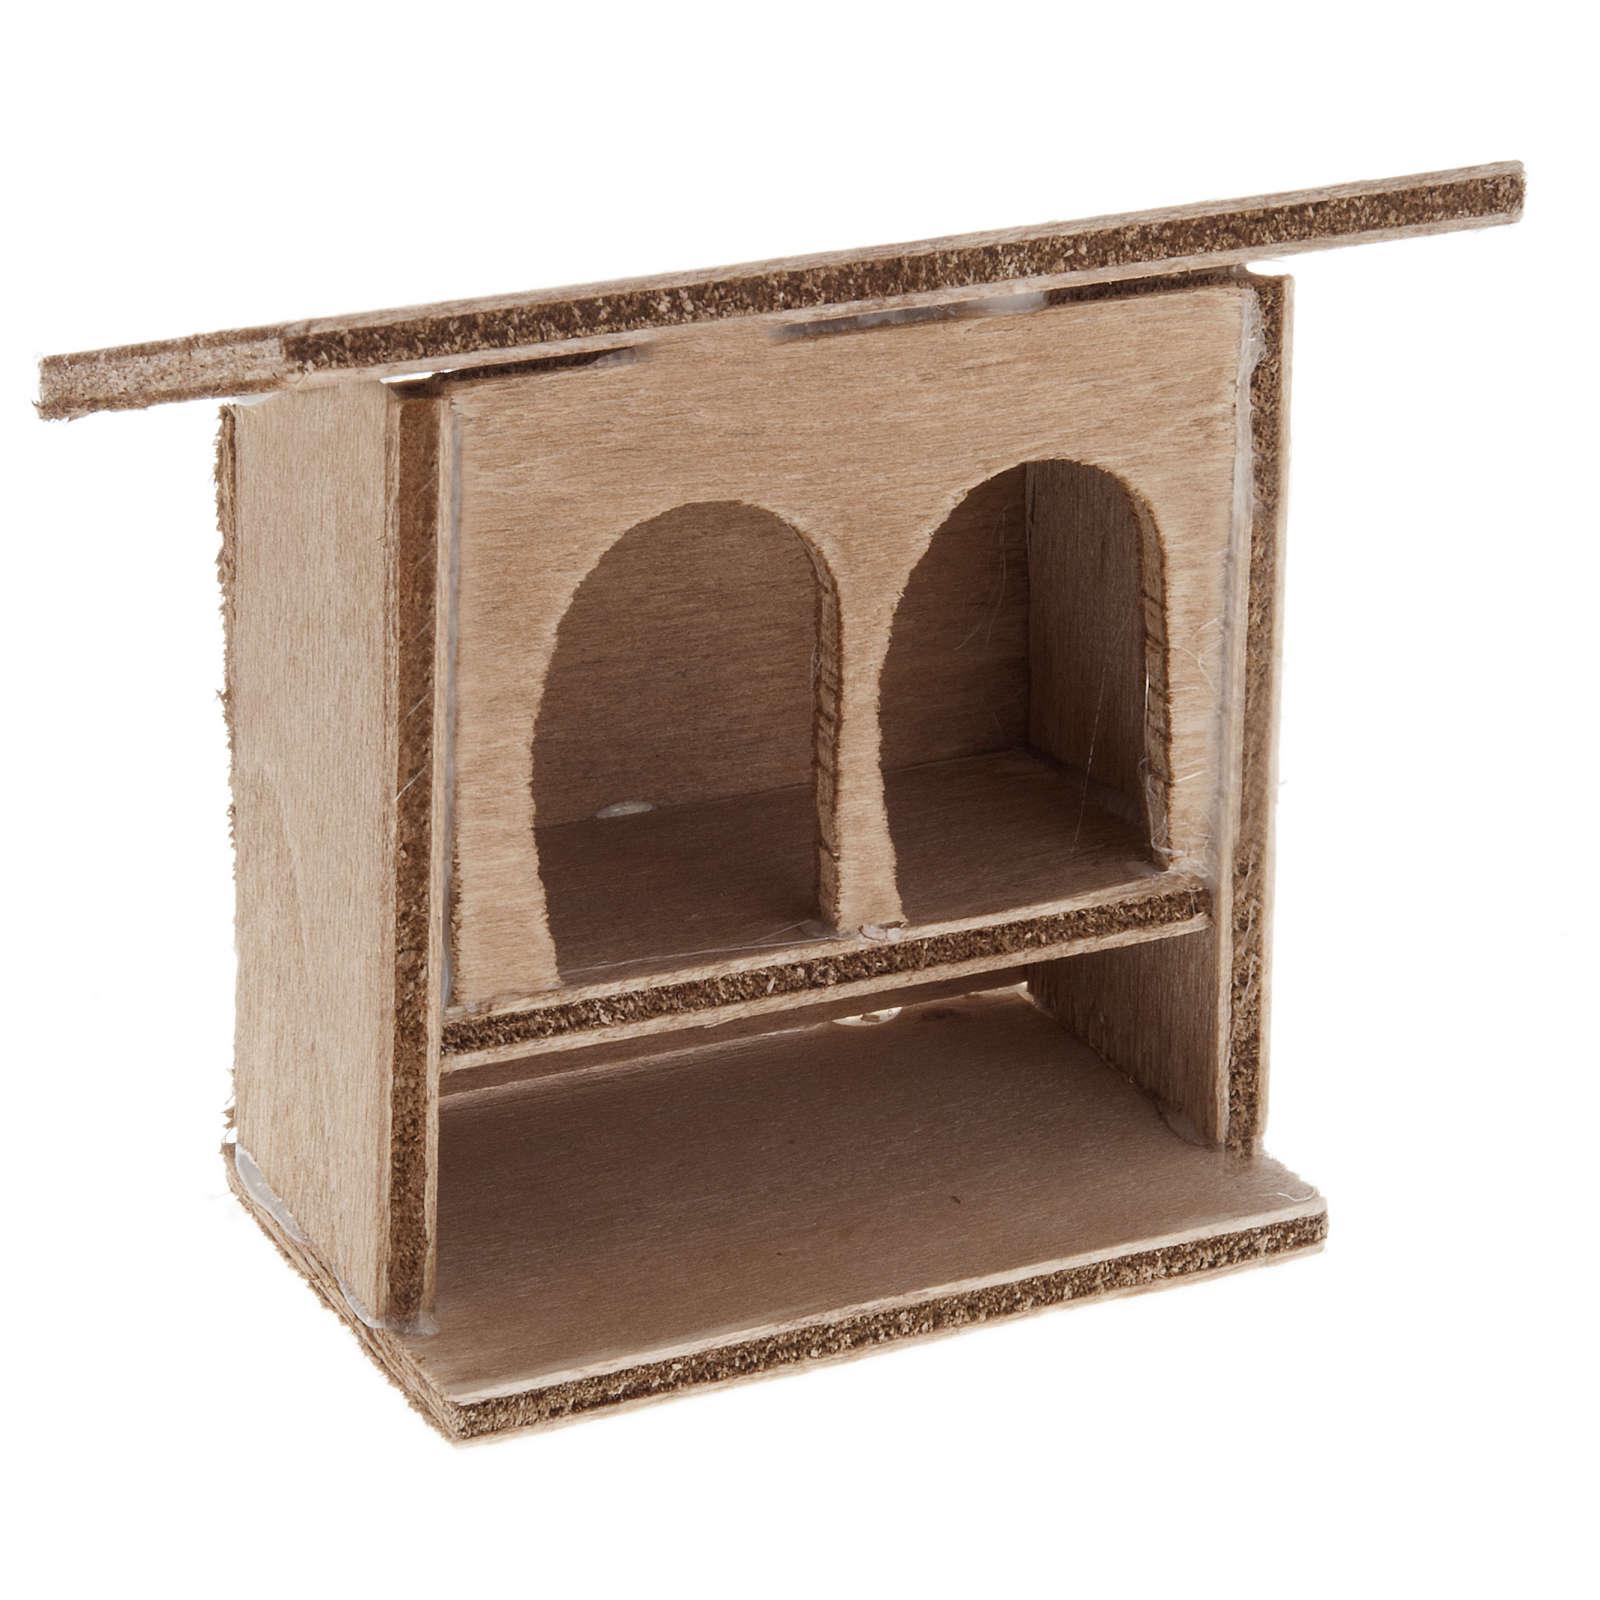 STOCK Conigliera doppia presepe in legno 8-10 cm 3